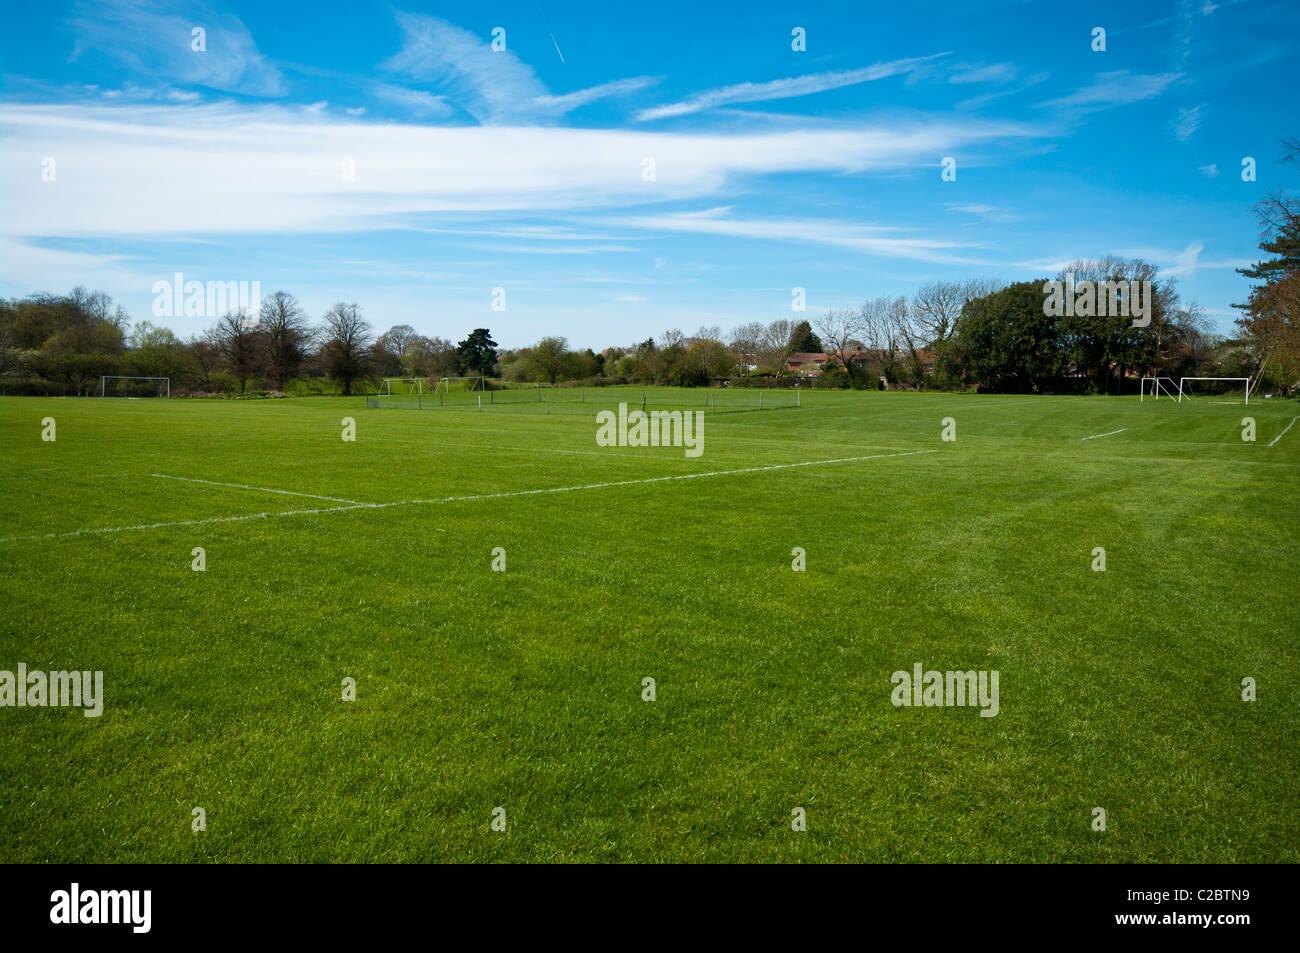 Campo de juego deportivo vacío Imagen De Stock